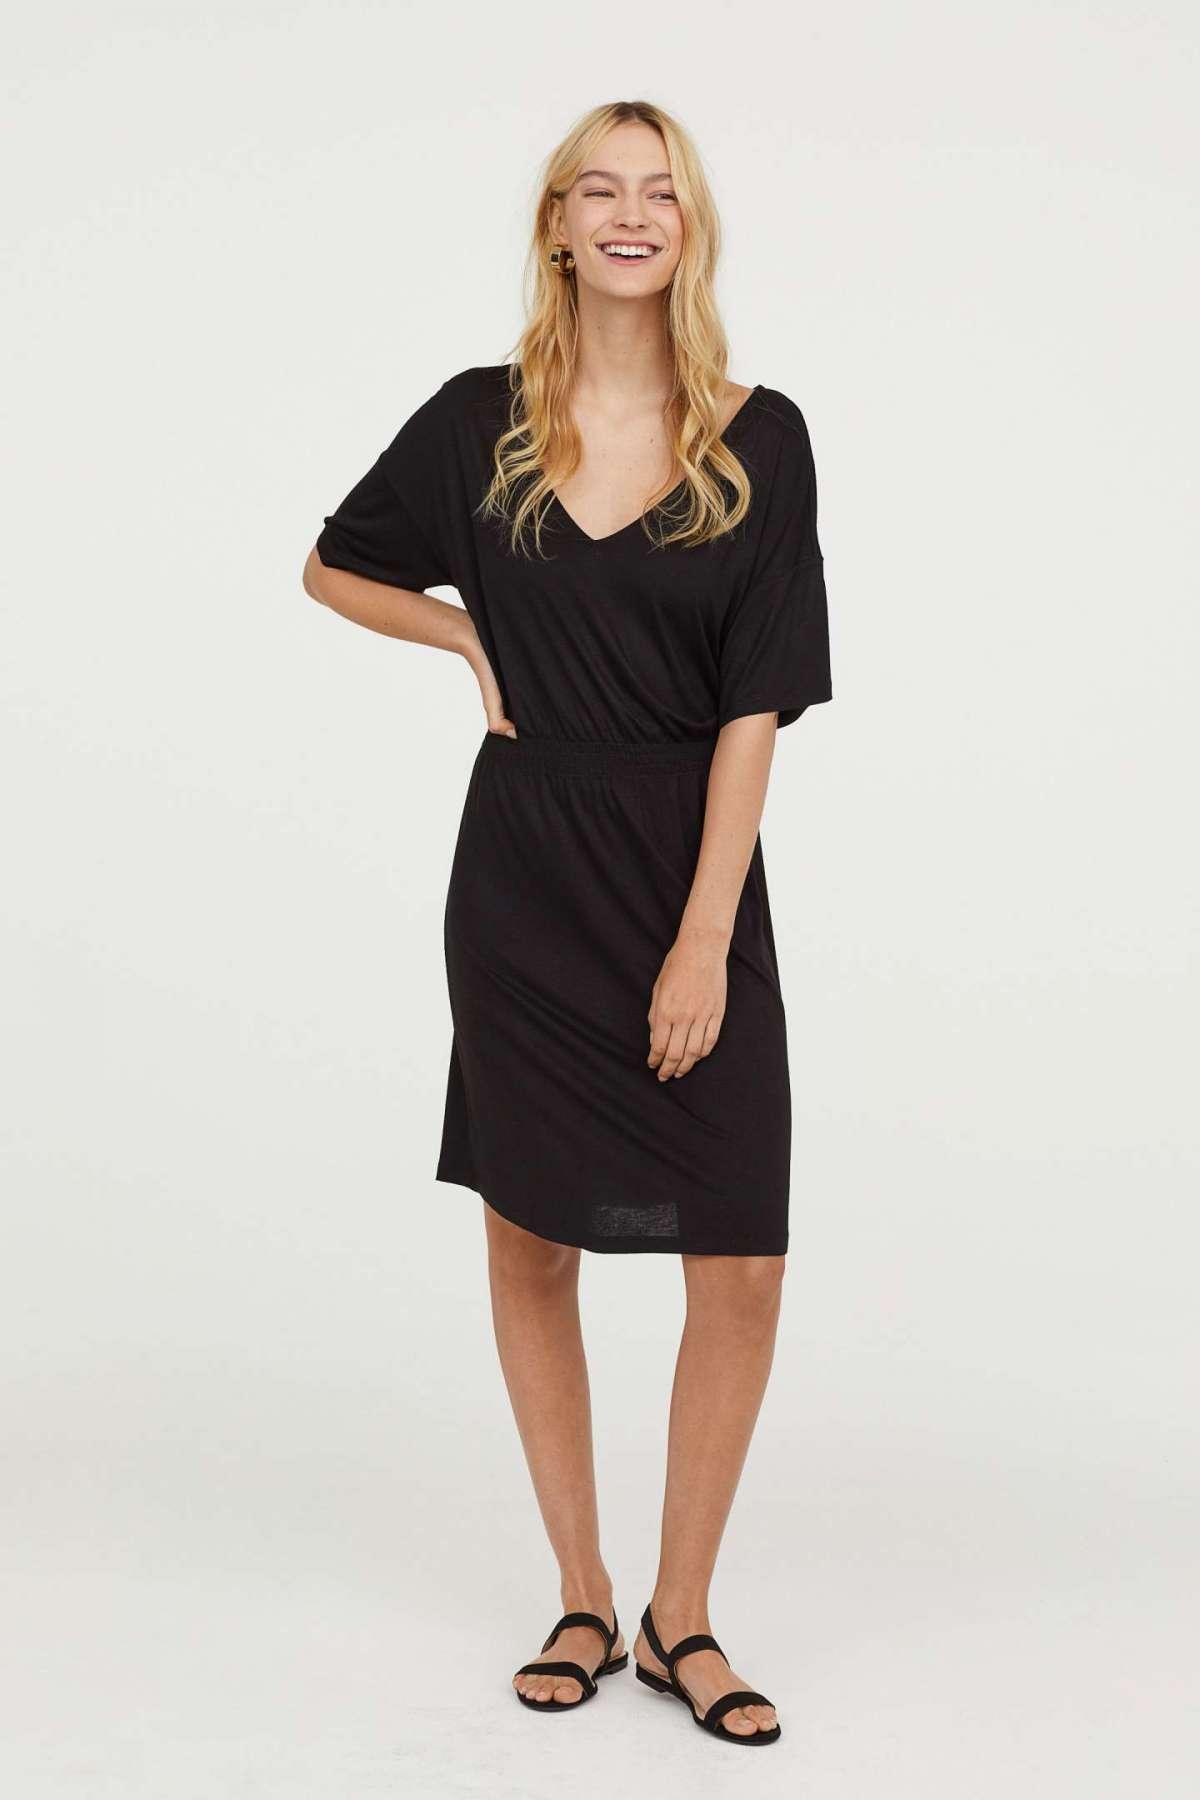 Vestito nero sul ginocchio H&M